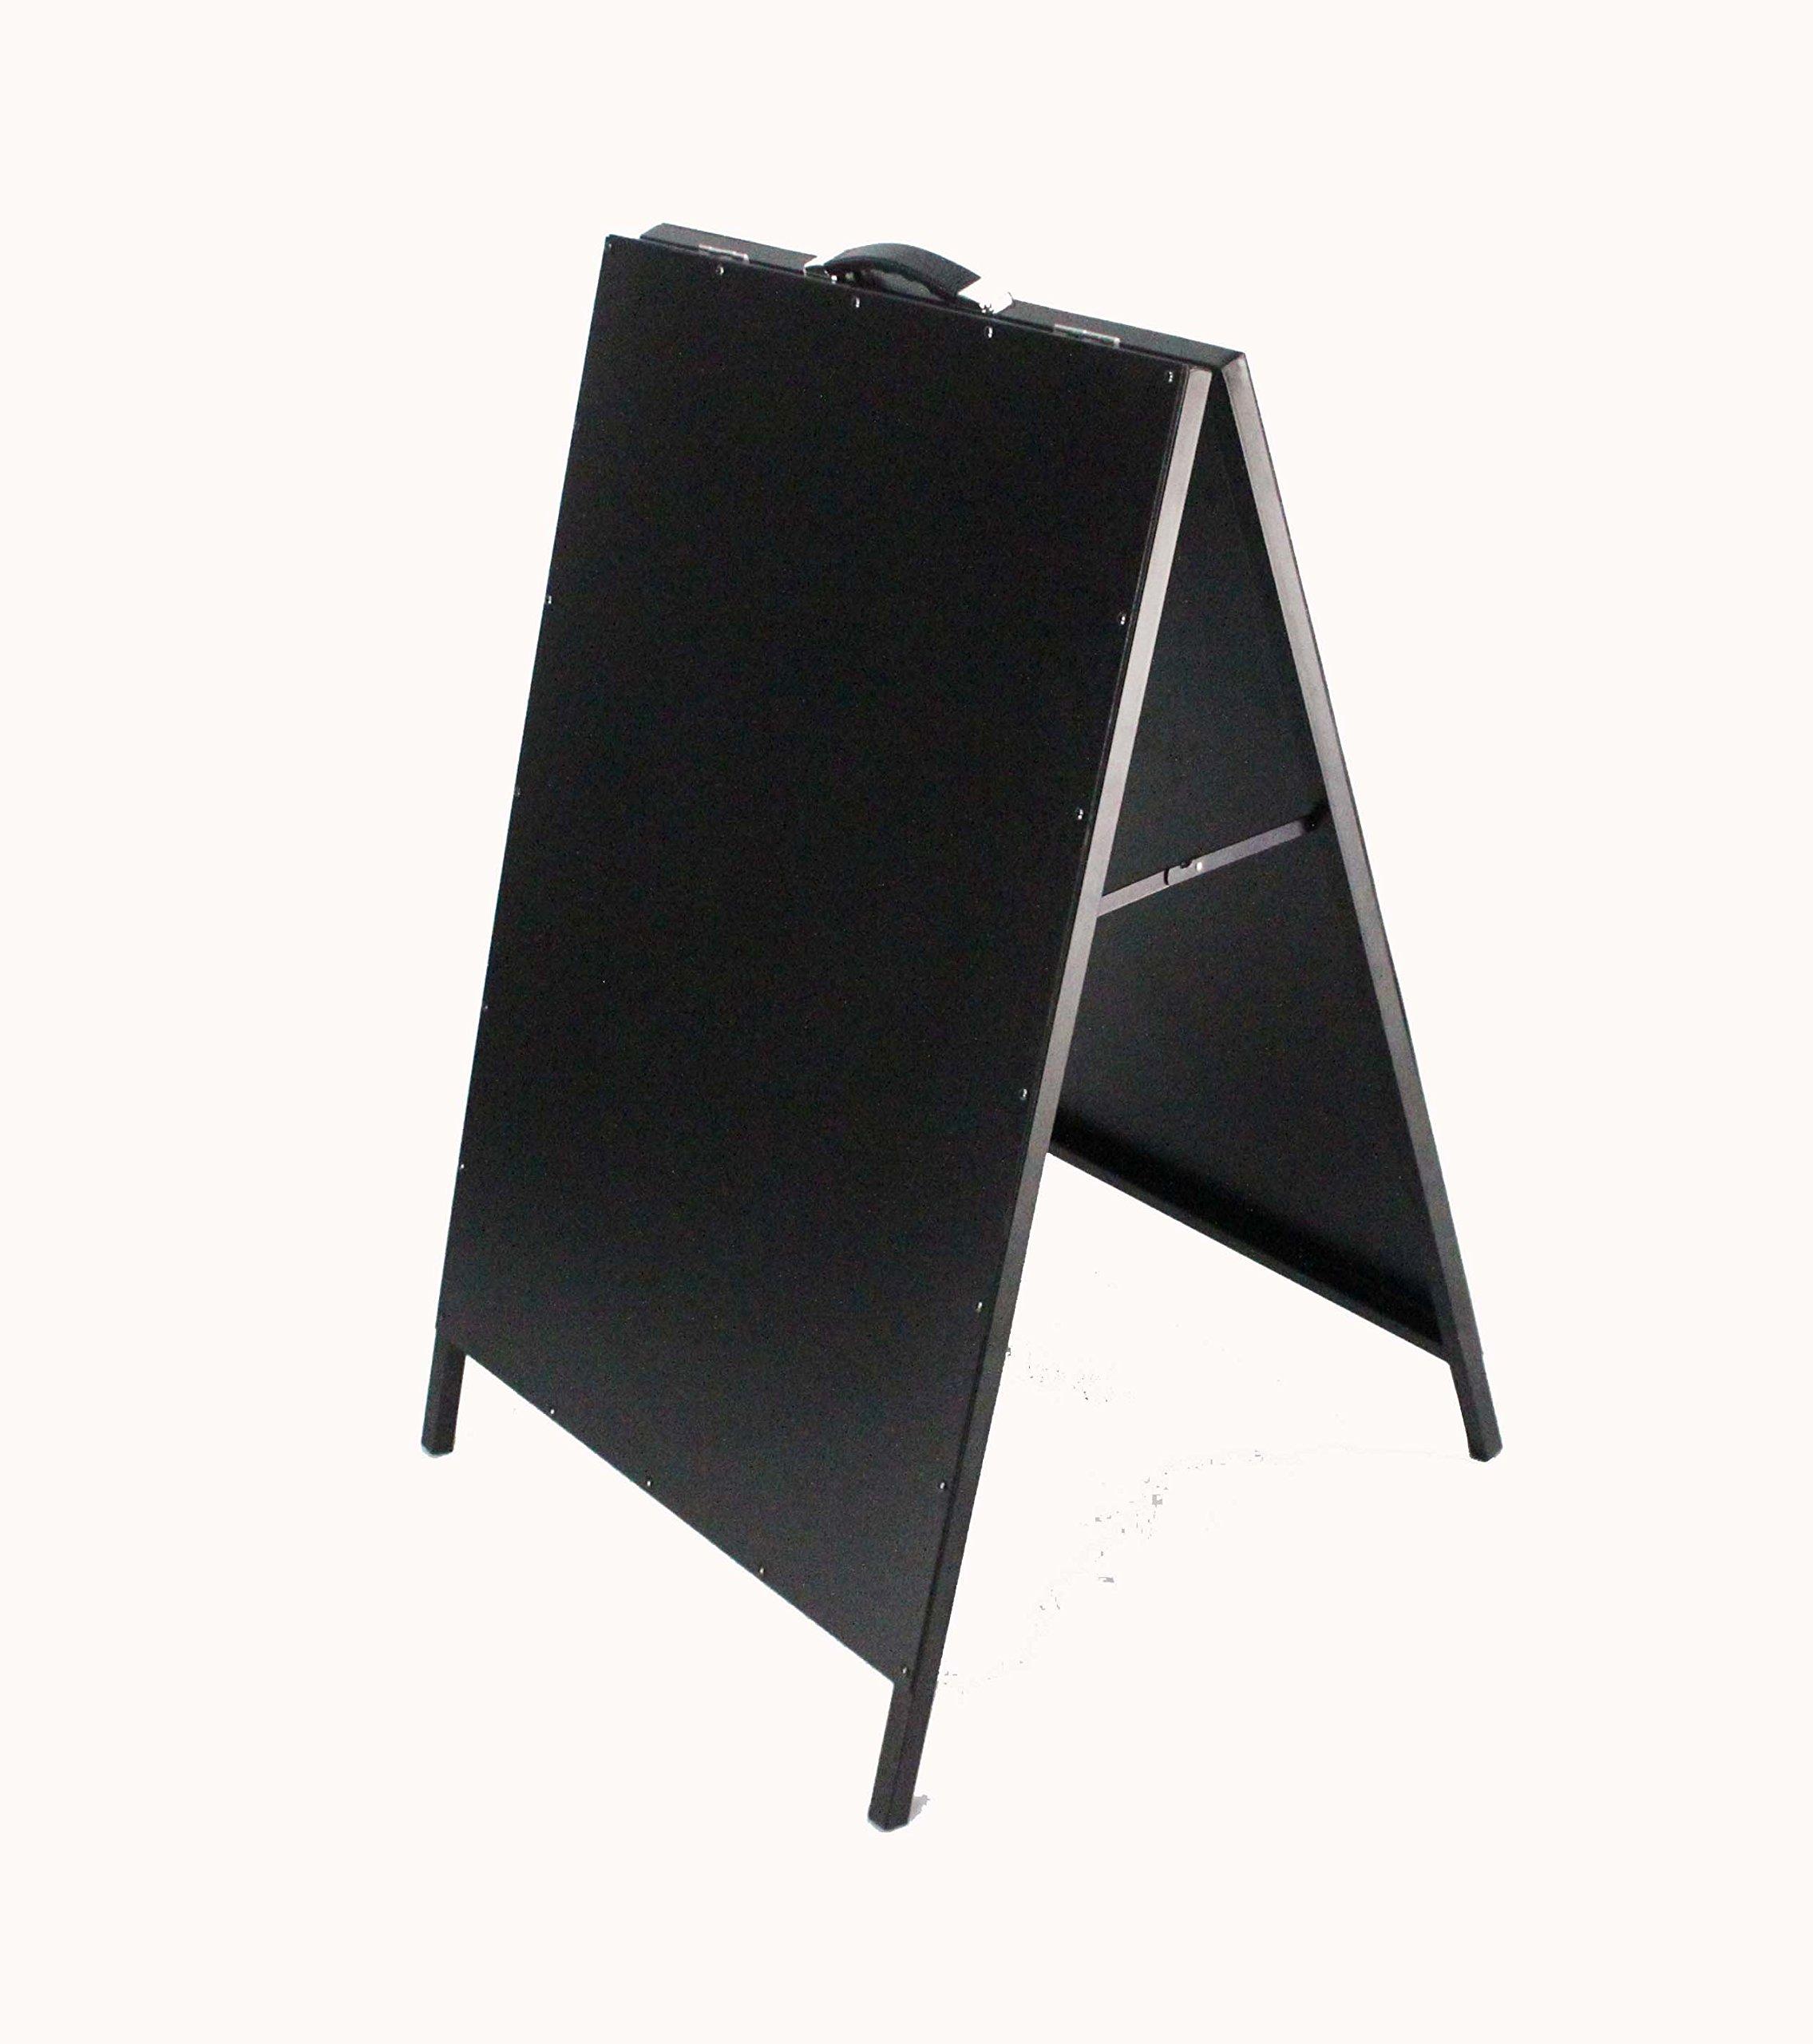 FixtureDisplays Black Board, A-Frame Menu Metal Side Walk Sign Restaurant Sign 15619